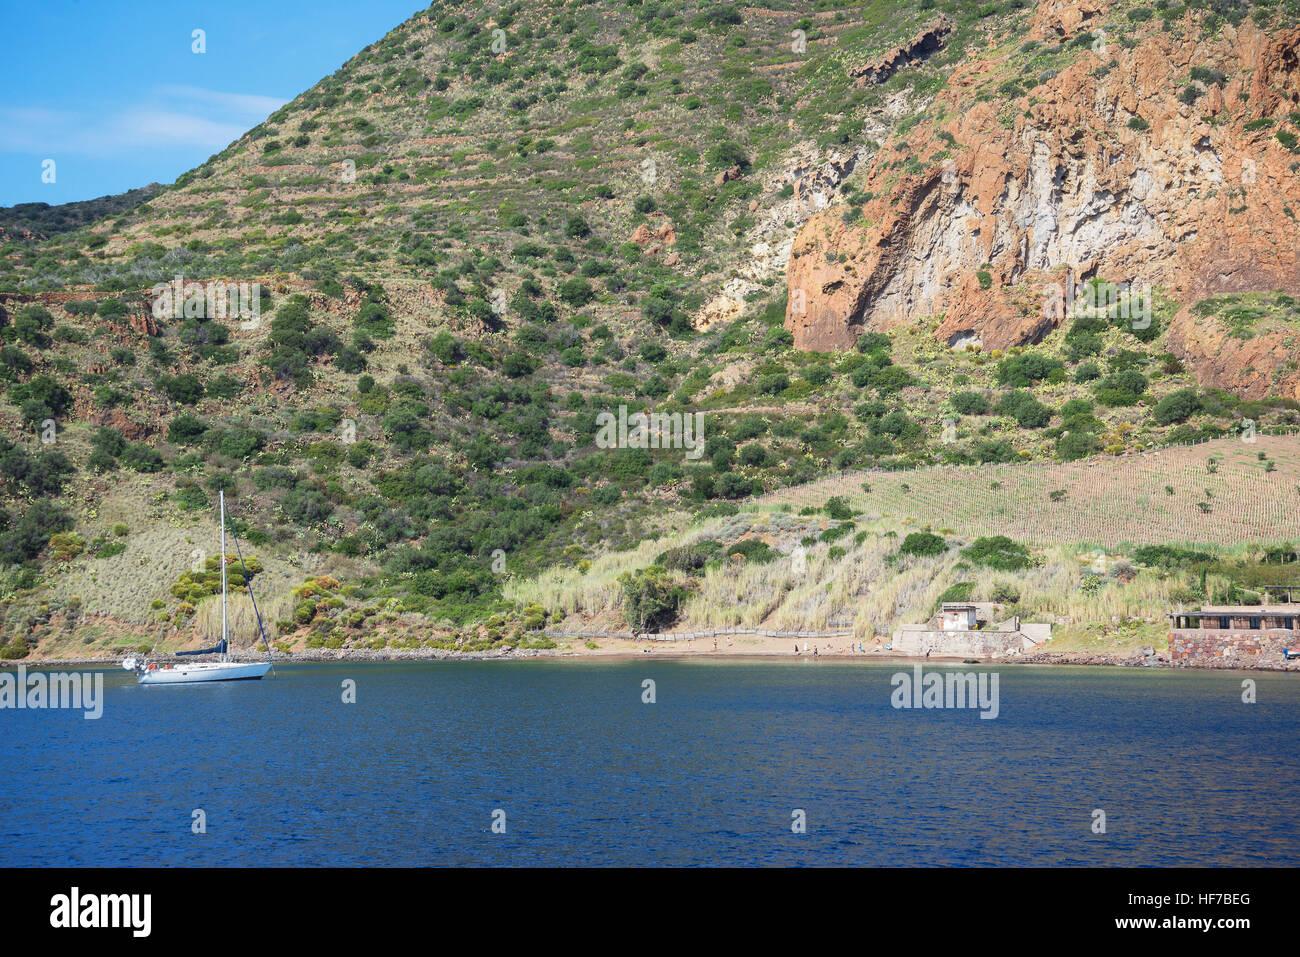 Spiaggia, Panarea, isole Eolie, in Sicilia, Italia, Europa Immagini Stock